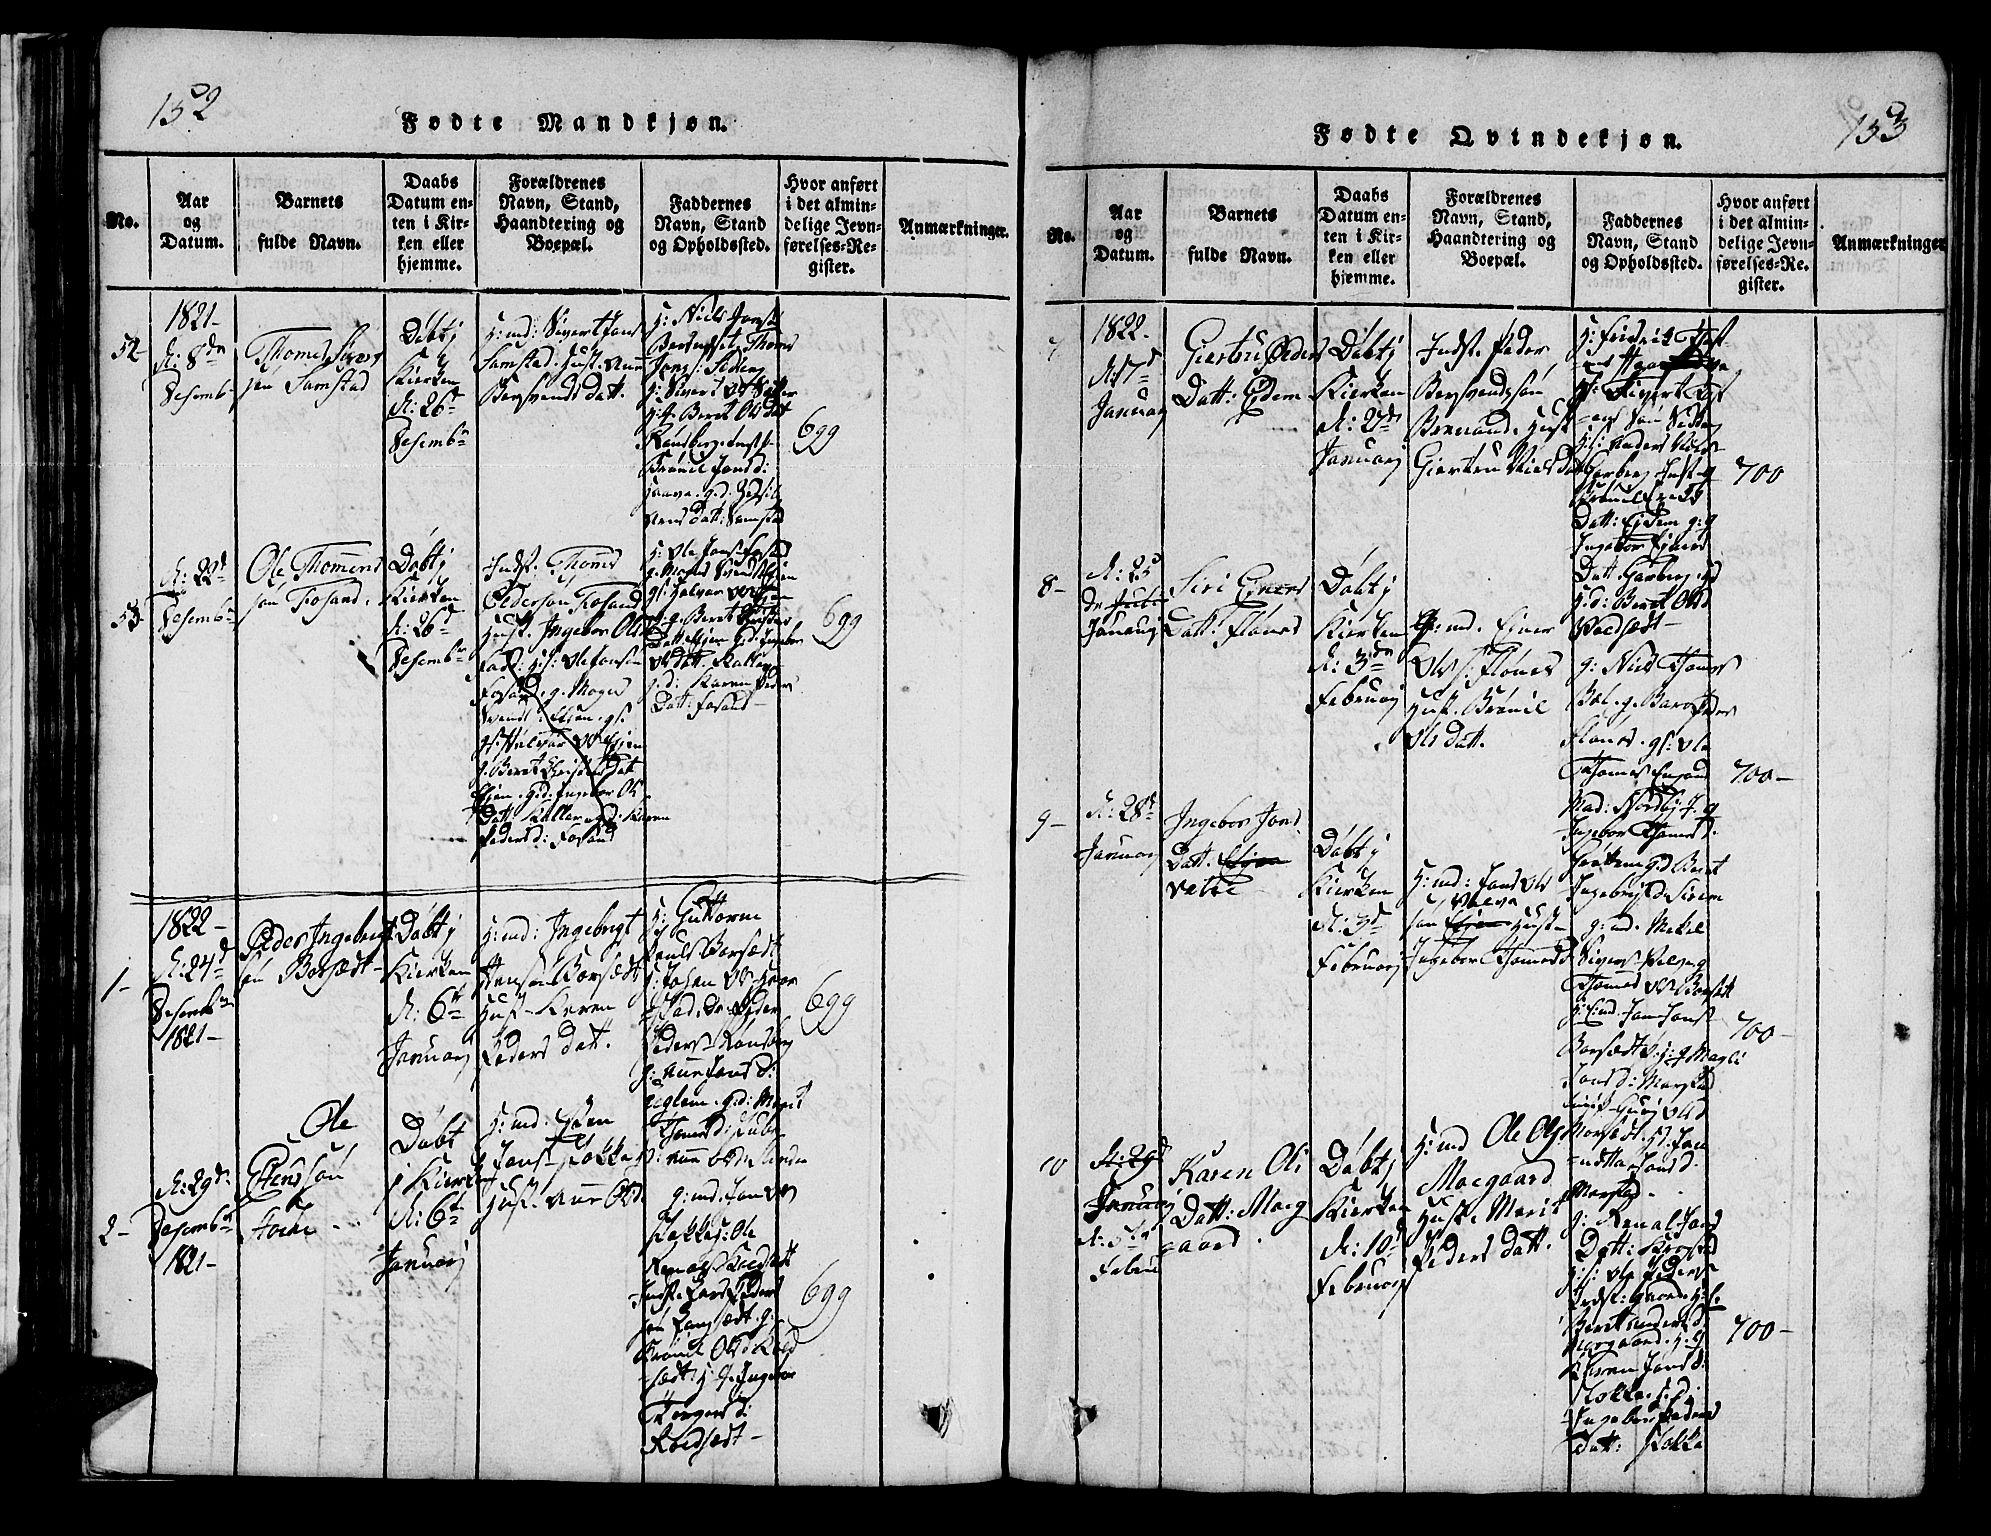 SAT, Ministerialprotokoller, klokkerbøker og fødselsregistre - Sør-Trøndelag, 695/L1152: Klokkerbok nr. 695C03, 1816-1831, s. 152-153